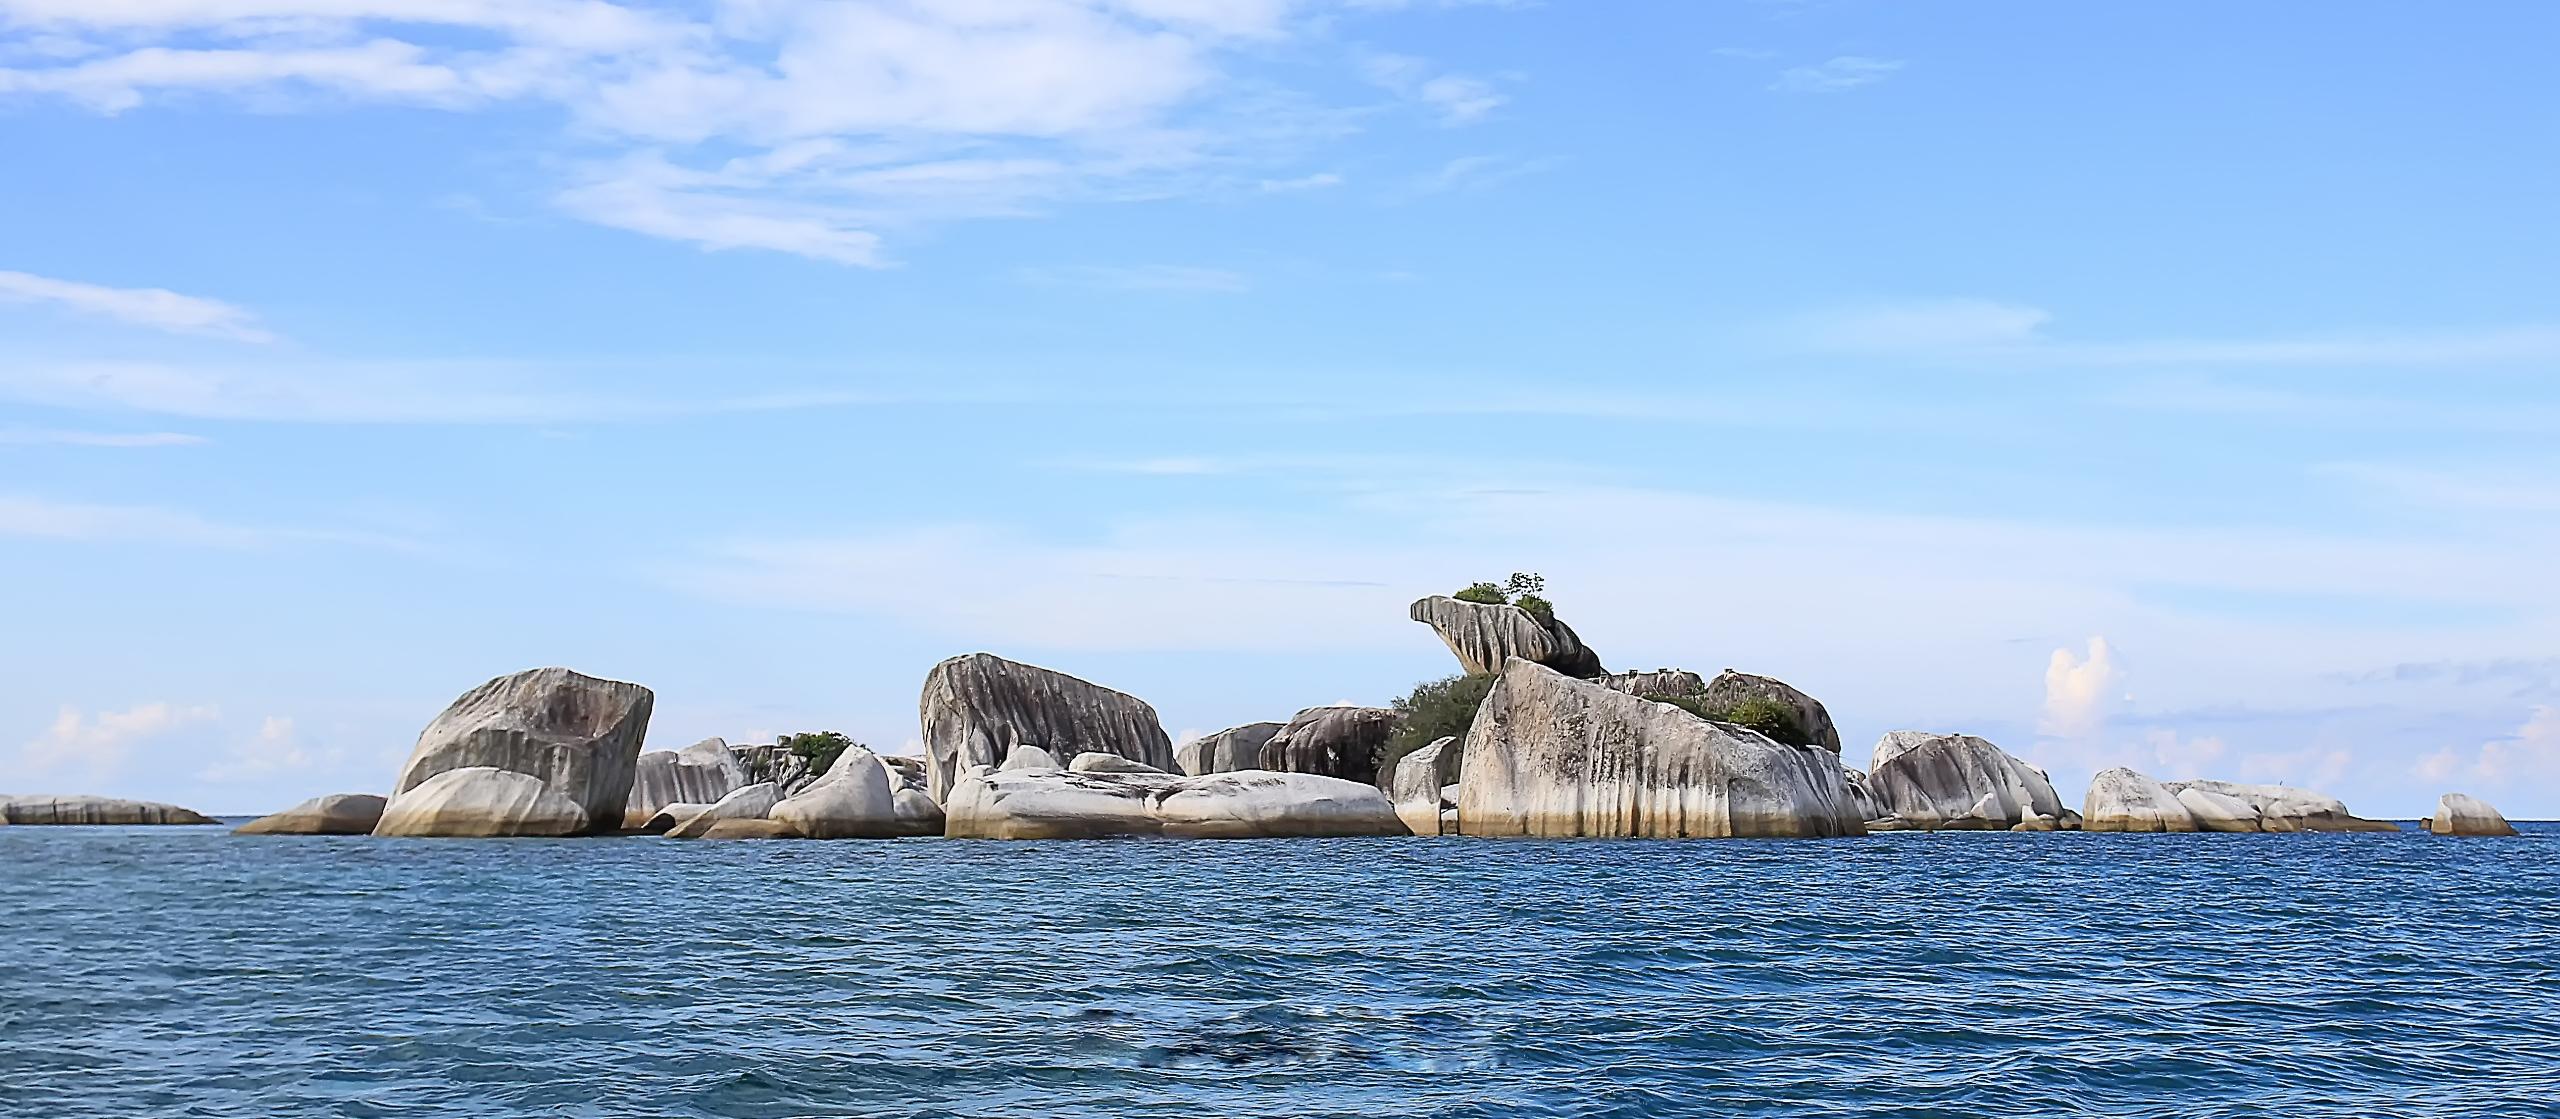 paket wisata pulau belitung (@paketwisatabelitung) Cover Image